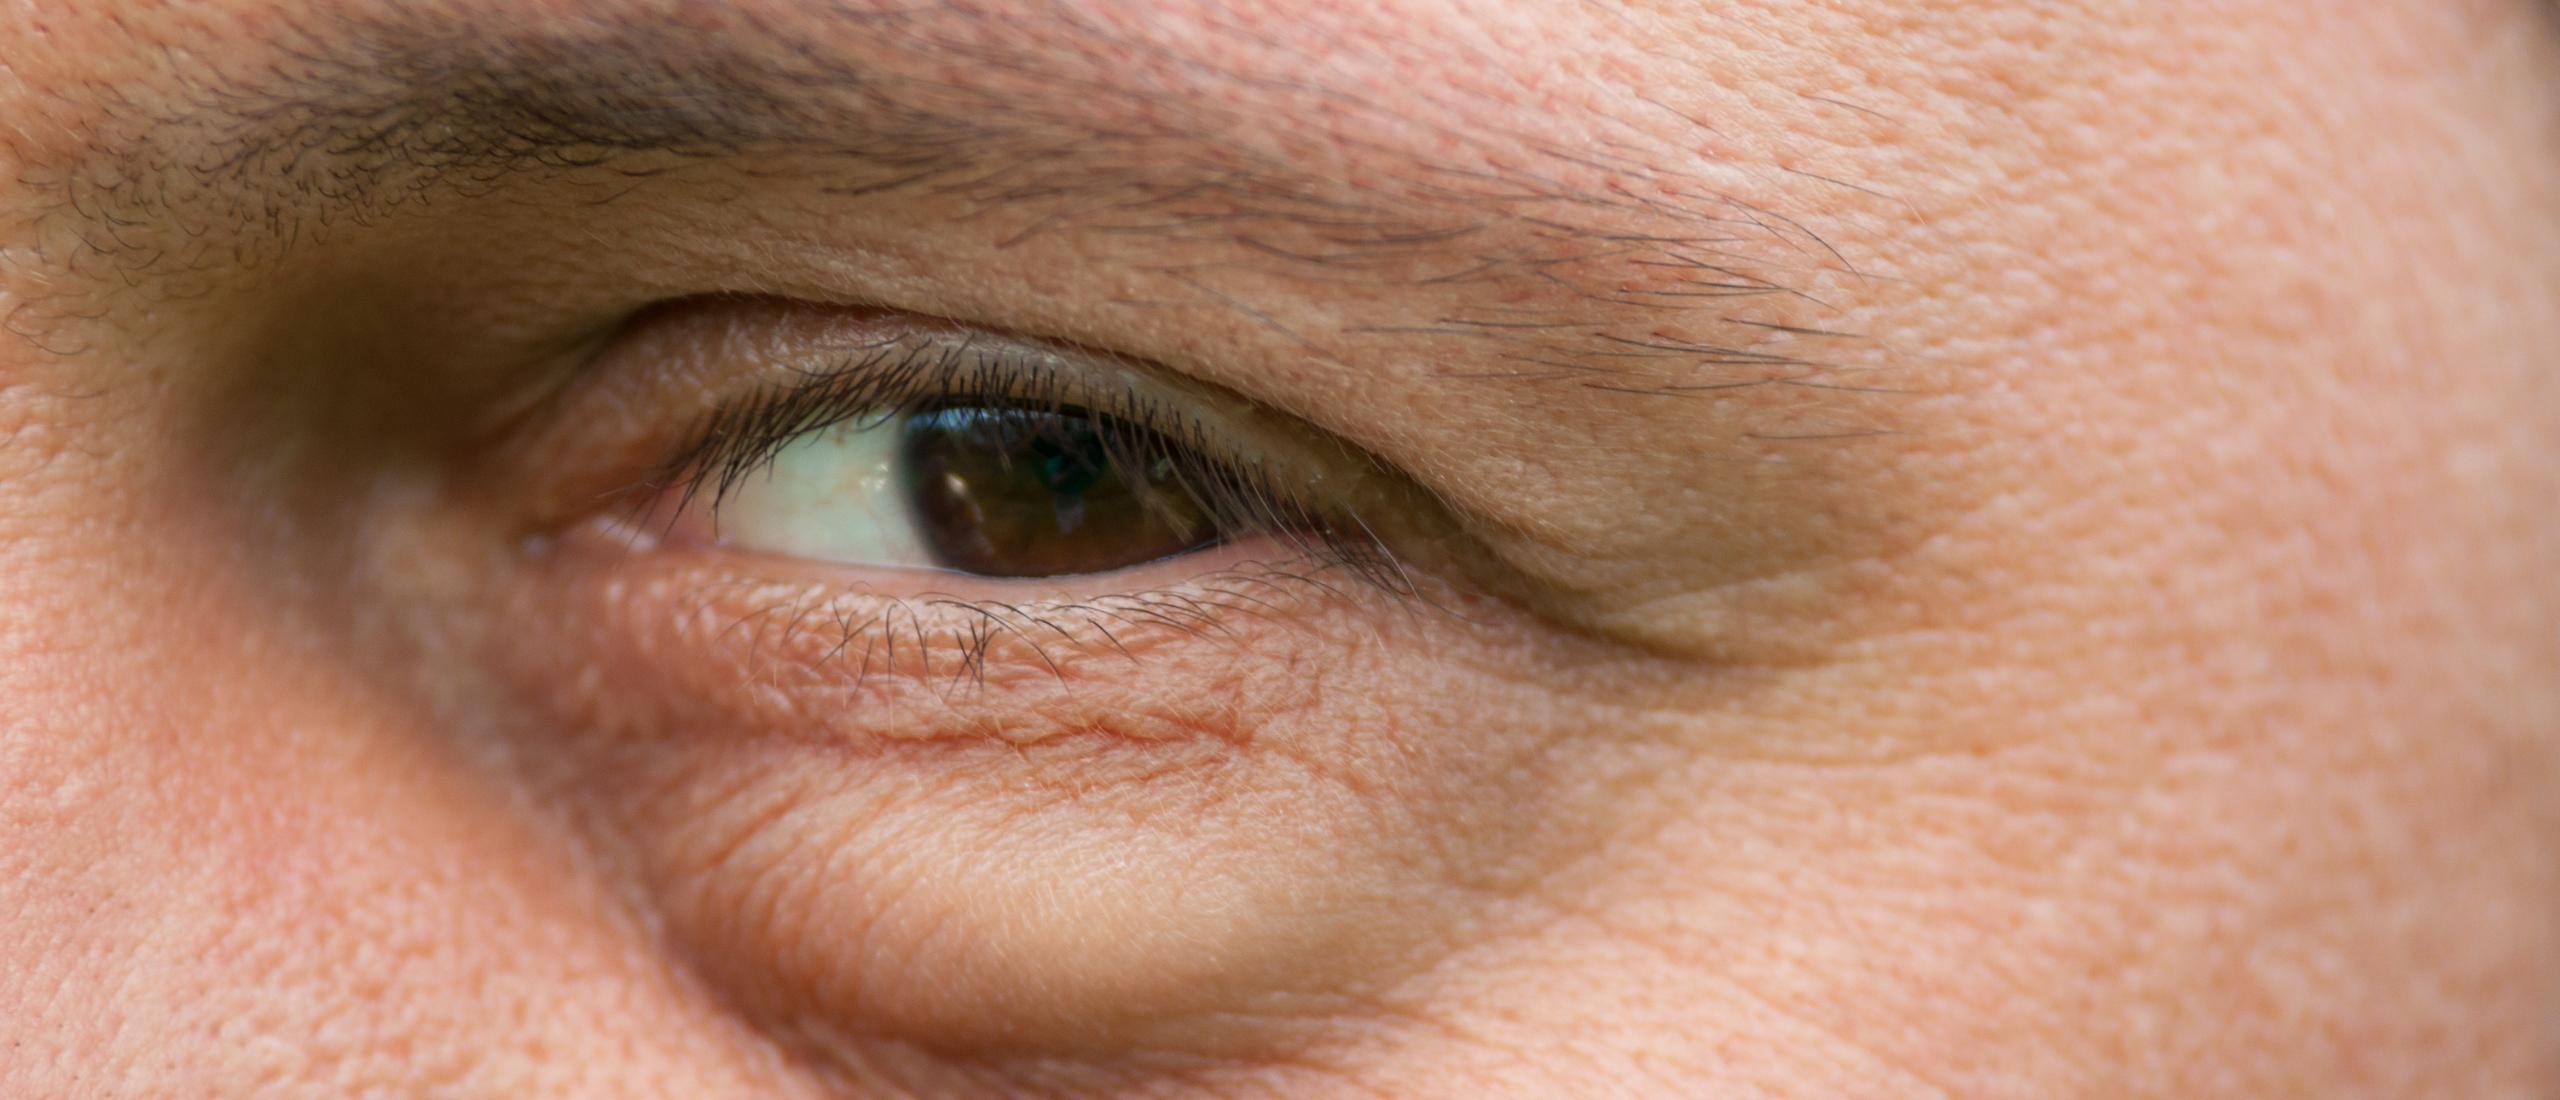 Vermoeide ogen: wallen onder ogen